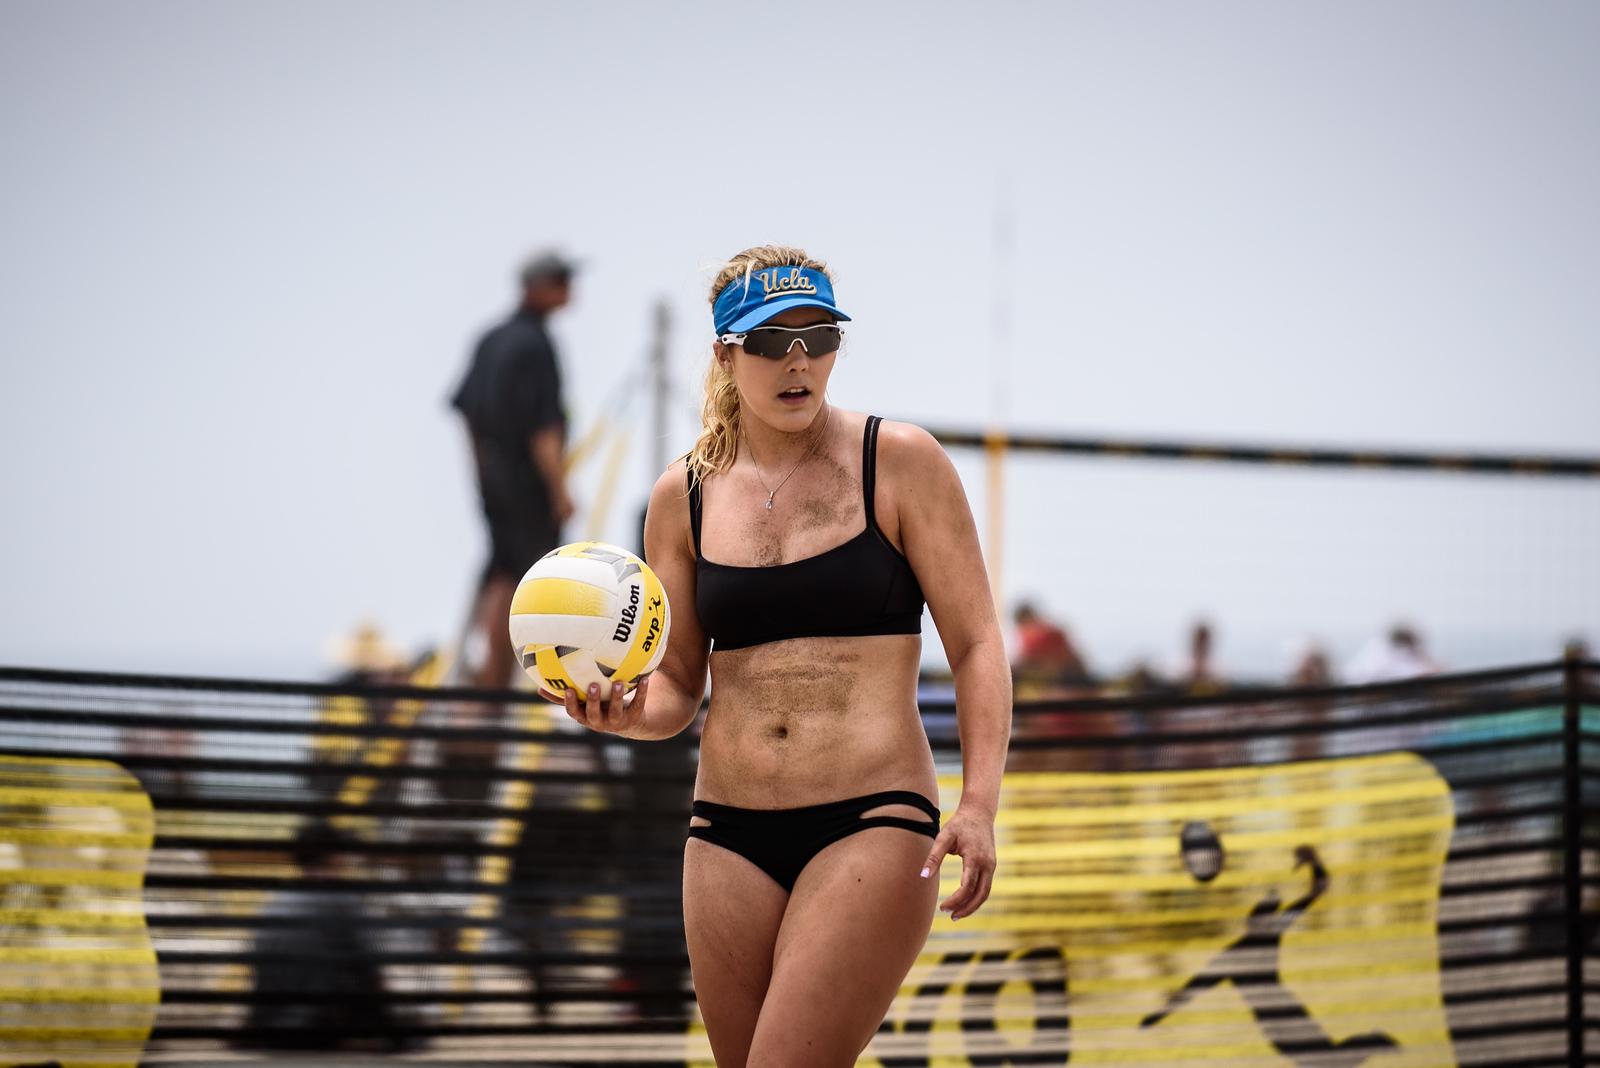 Elise Zappia